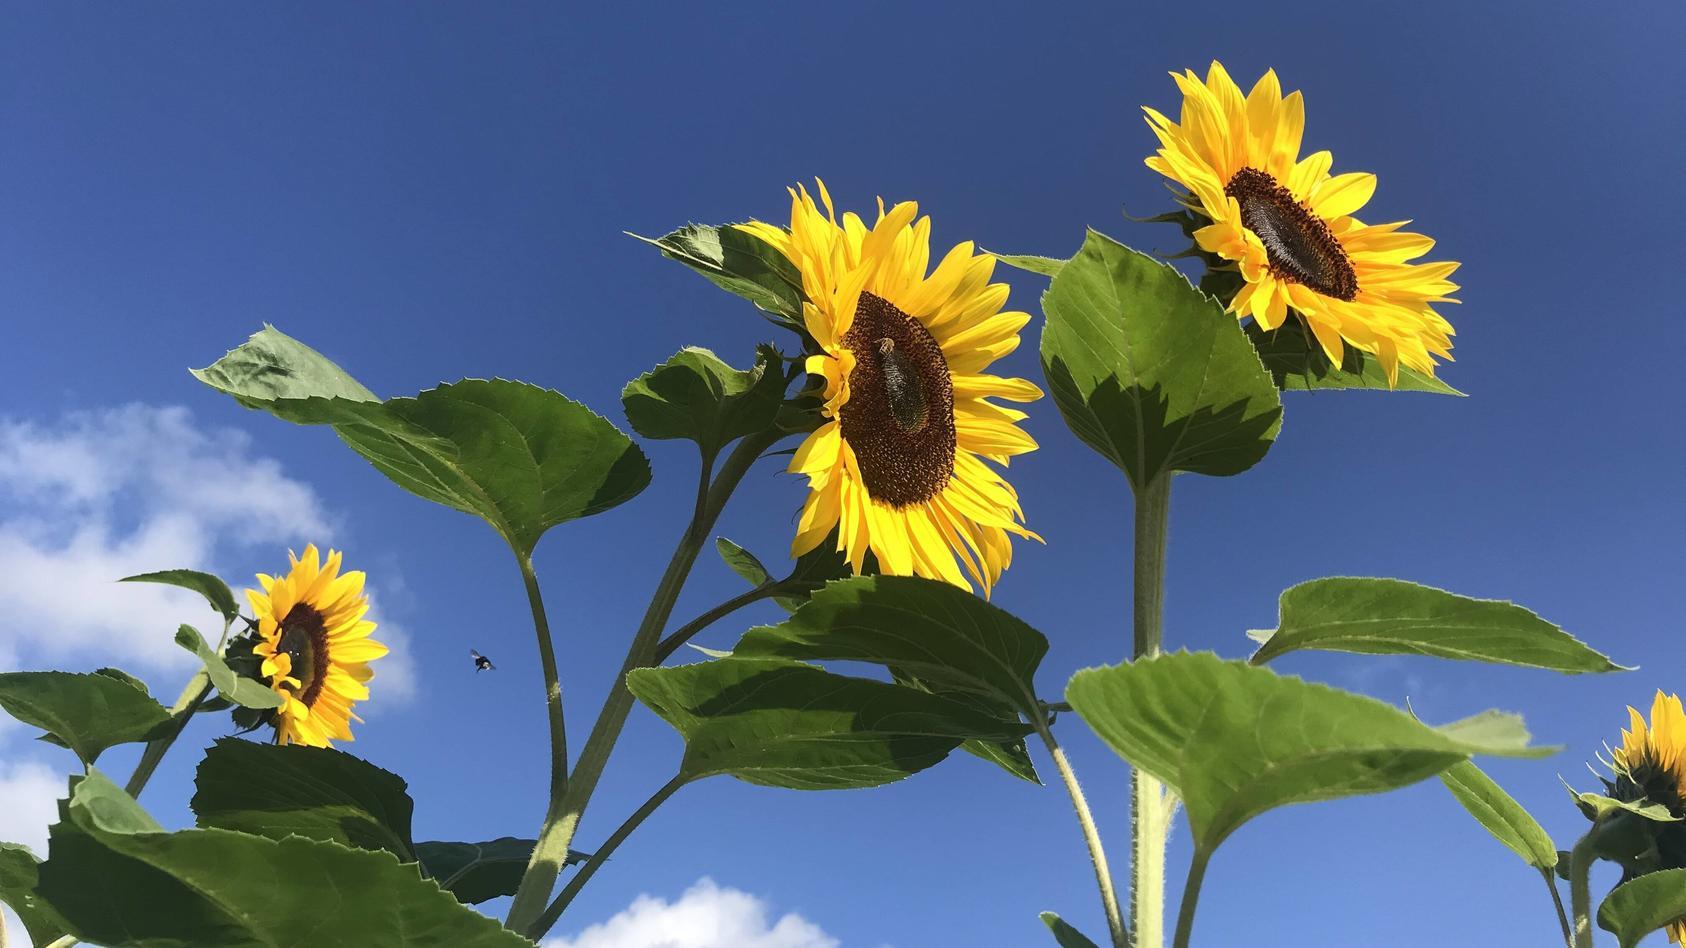 Sonnenblumen essen - wie Maiskolben?